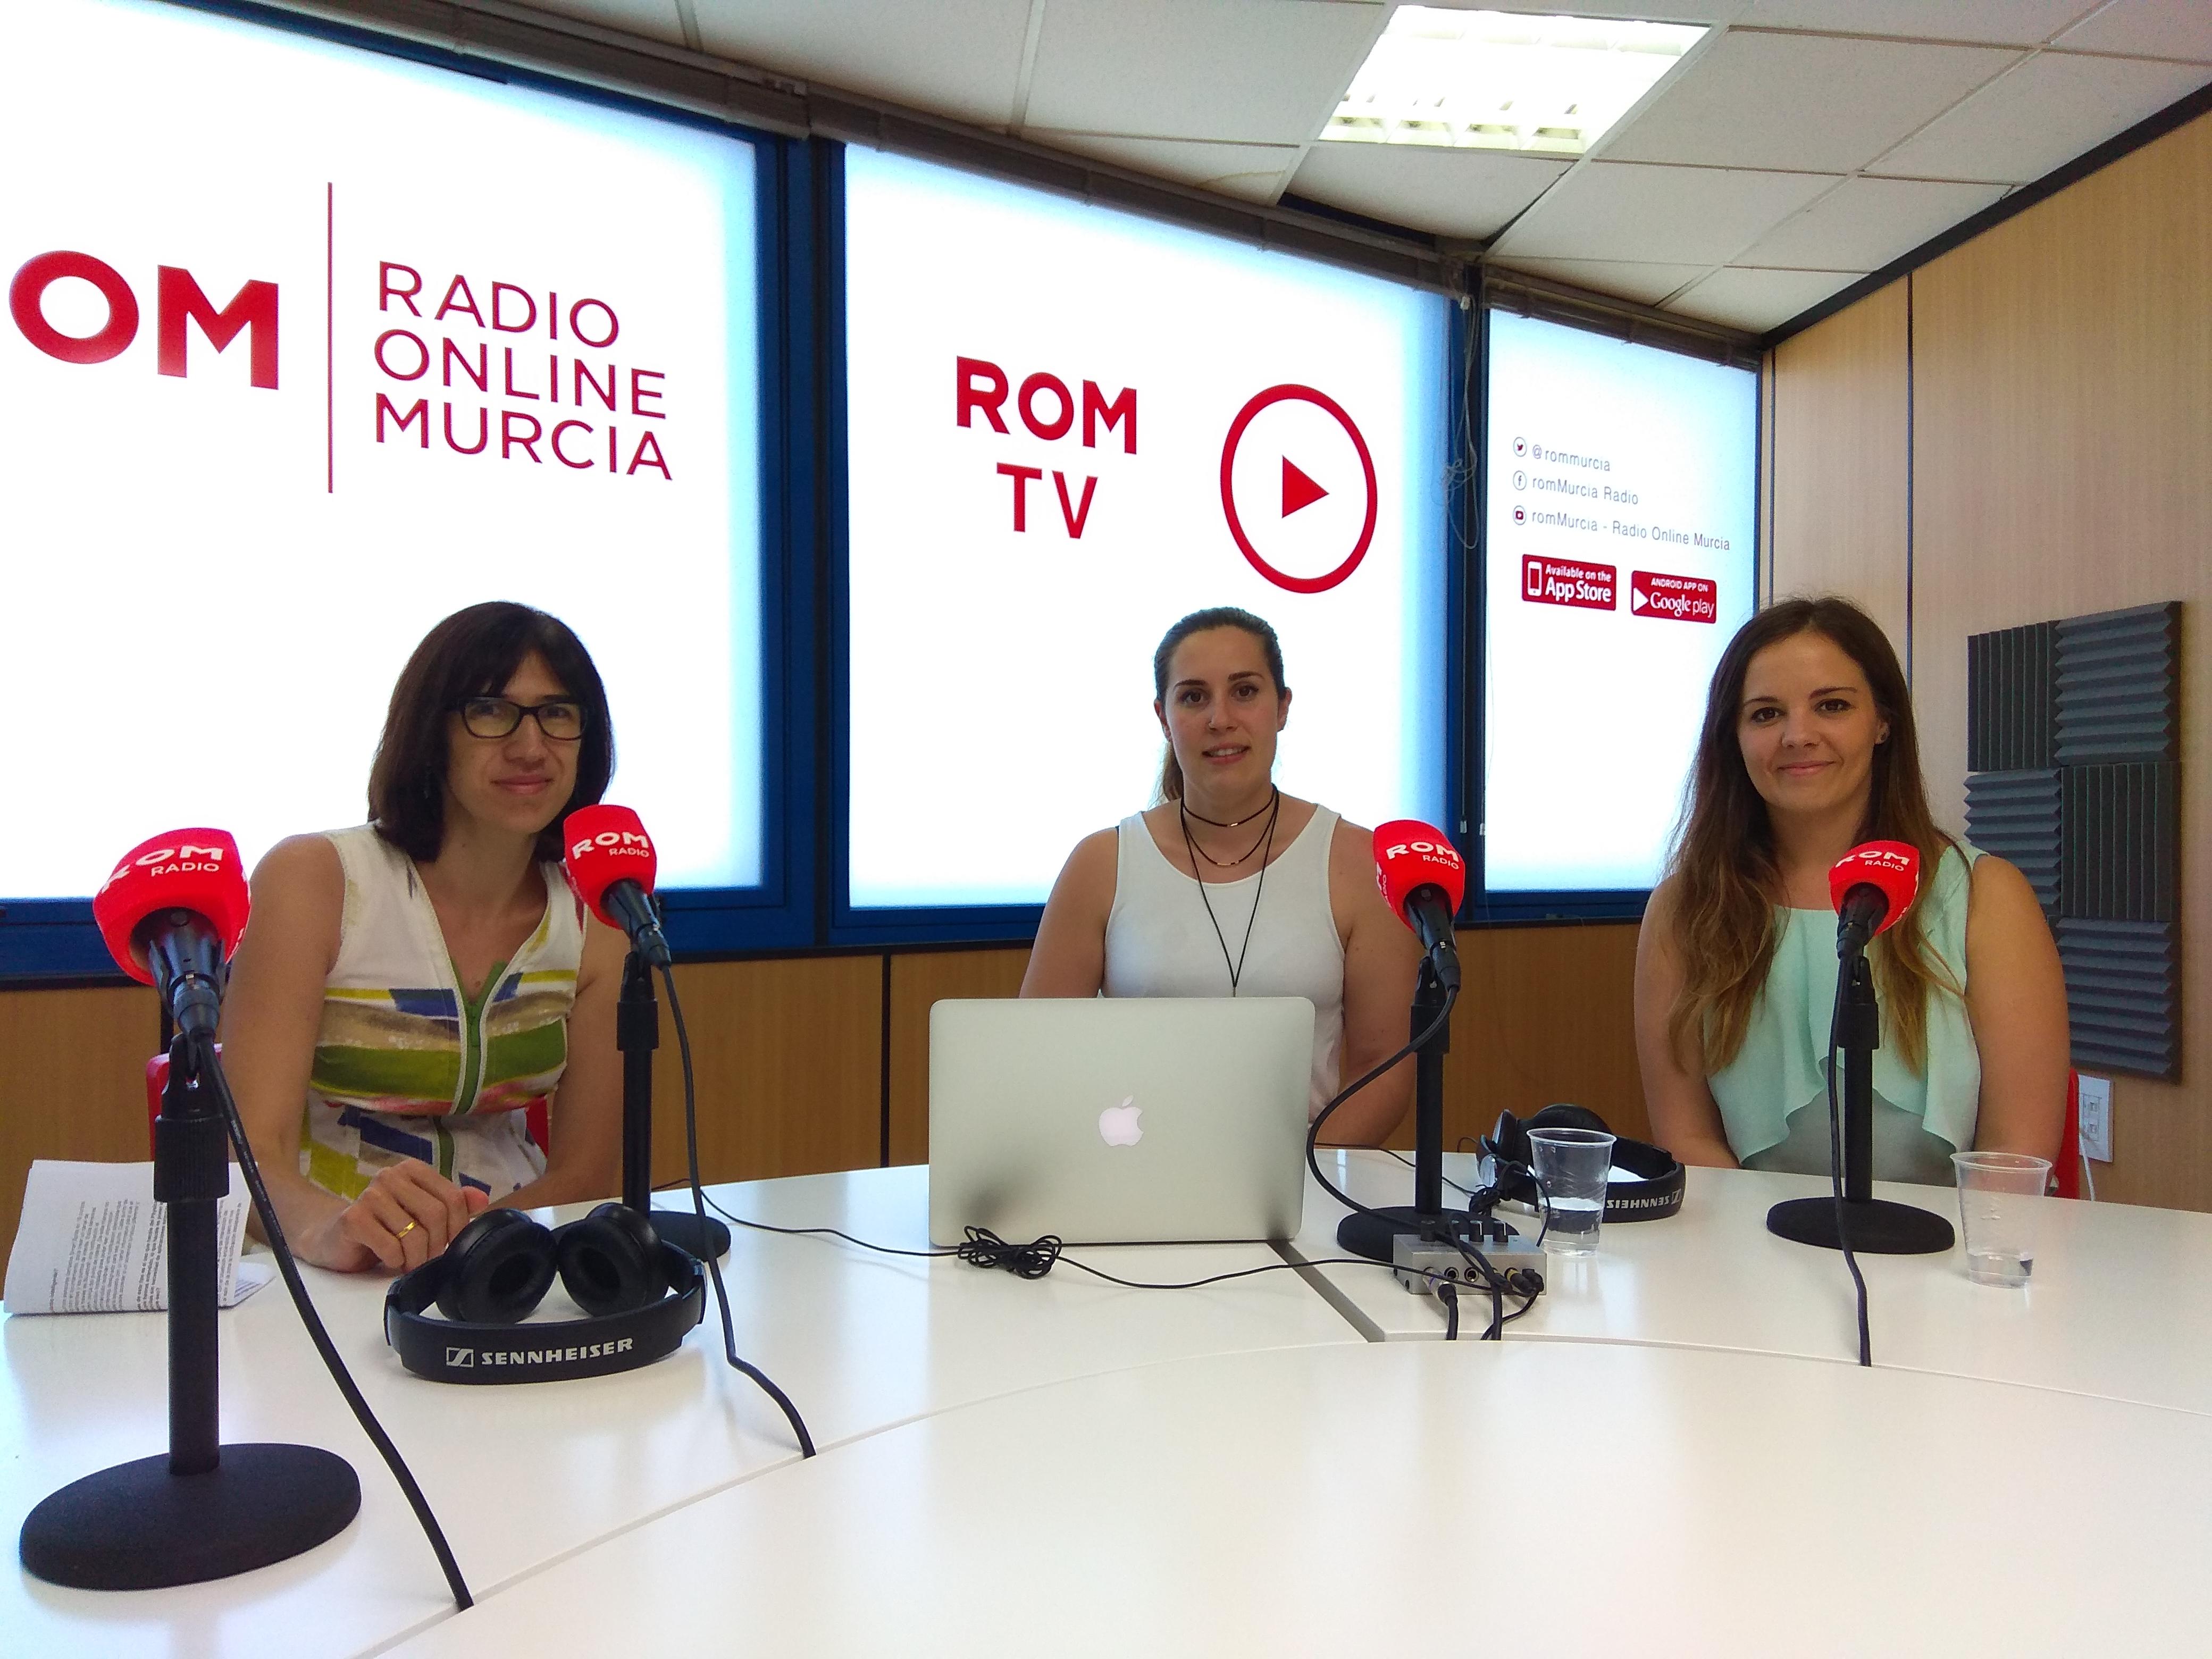 HOP Ubiquitous in Radio Online Murcia